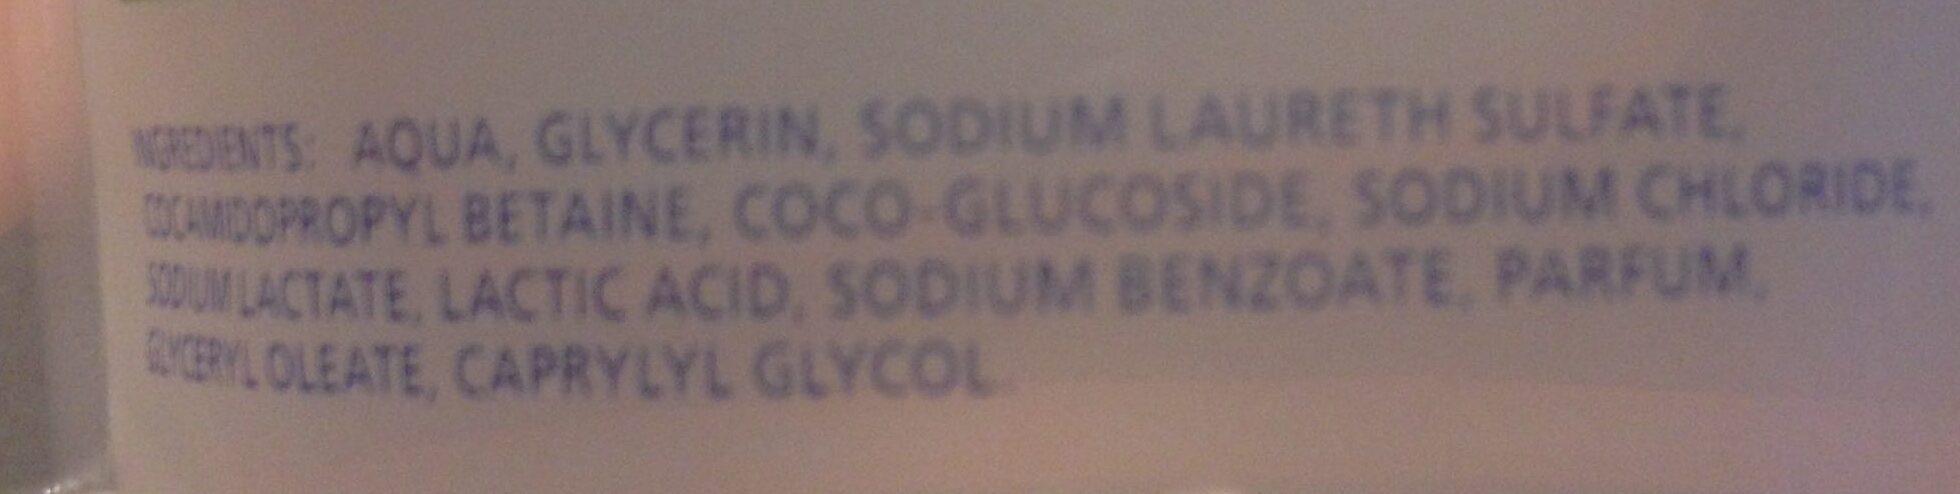 Gel douche - Ingredients - fr